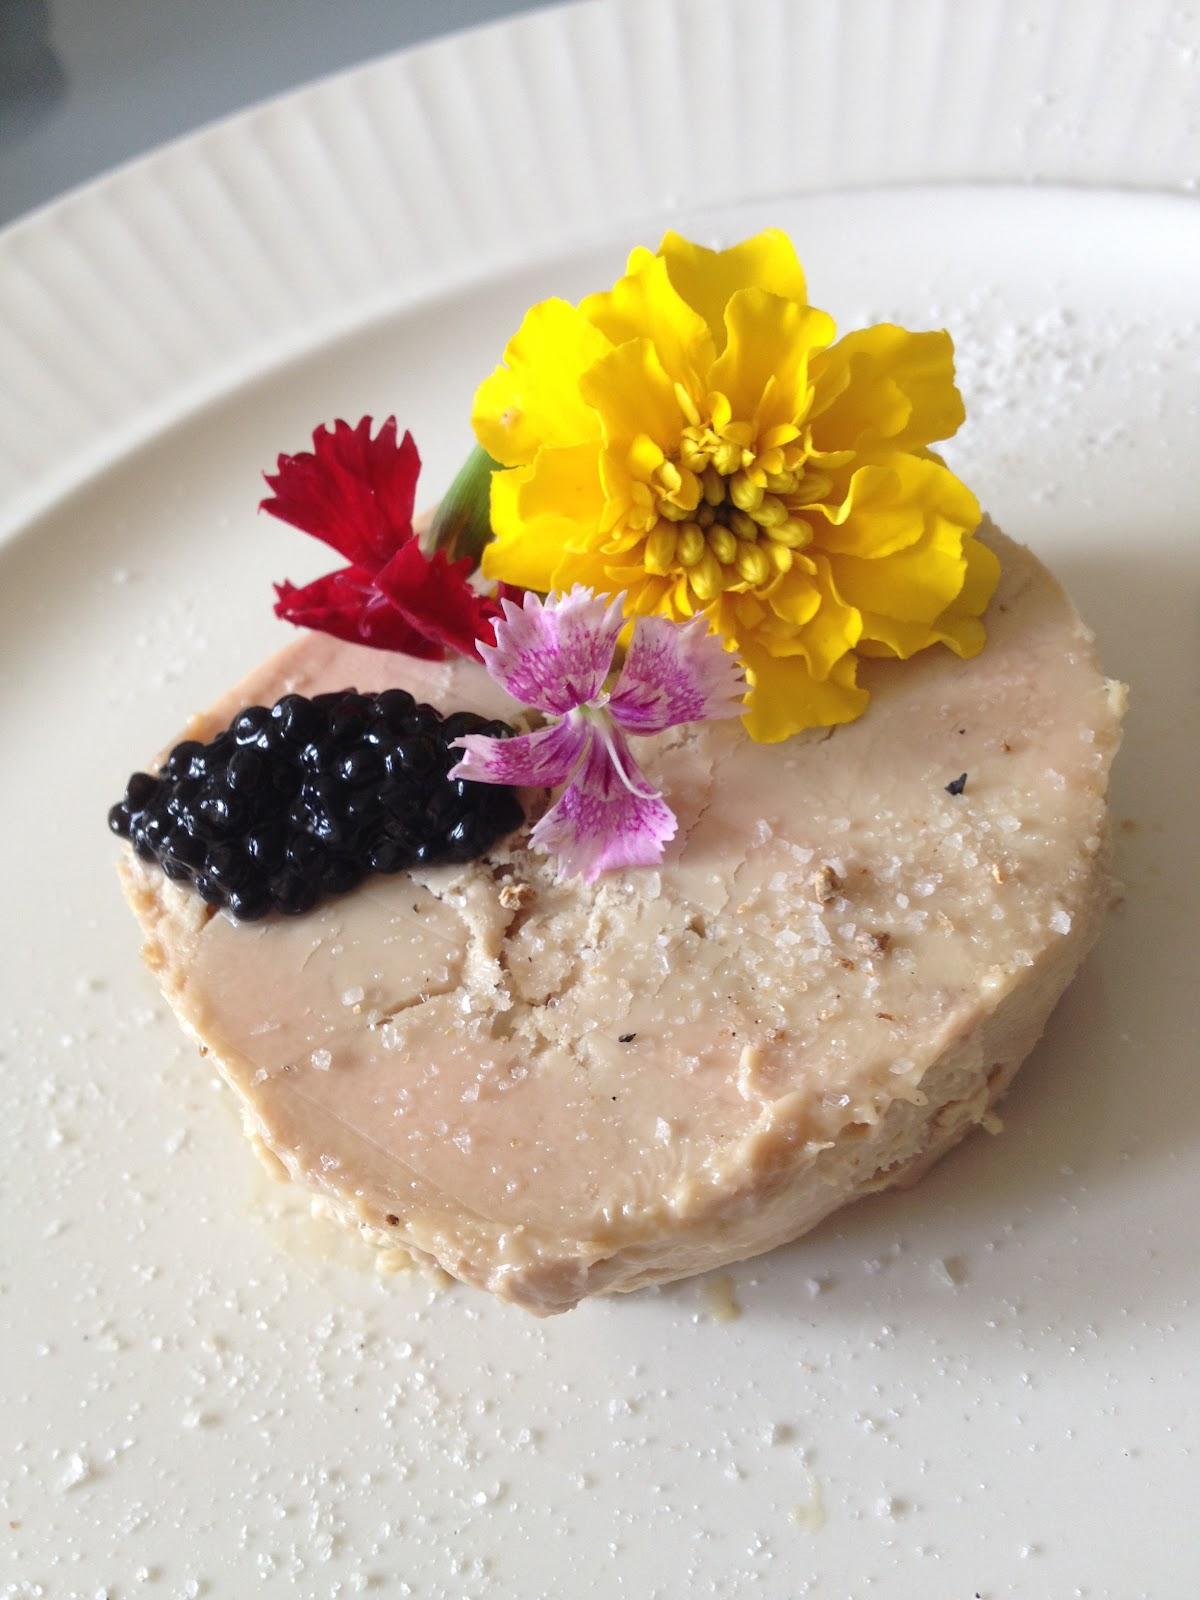 one more bite blog food travel adventures foie gras. Black Bedroom Furniture Sets. Home Design Ideas